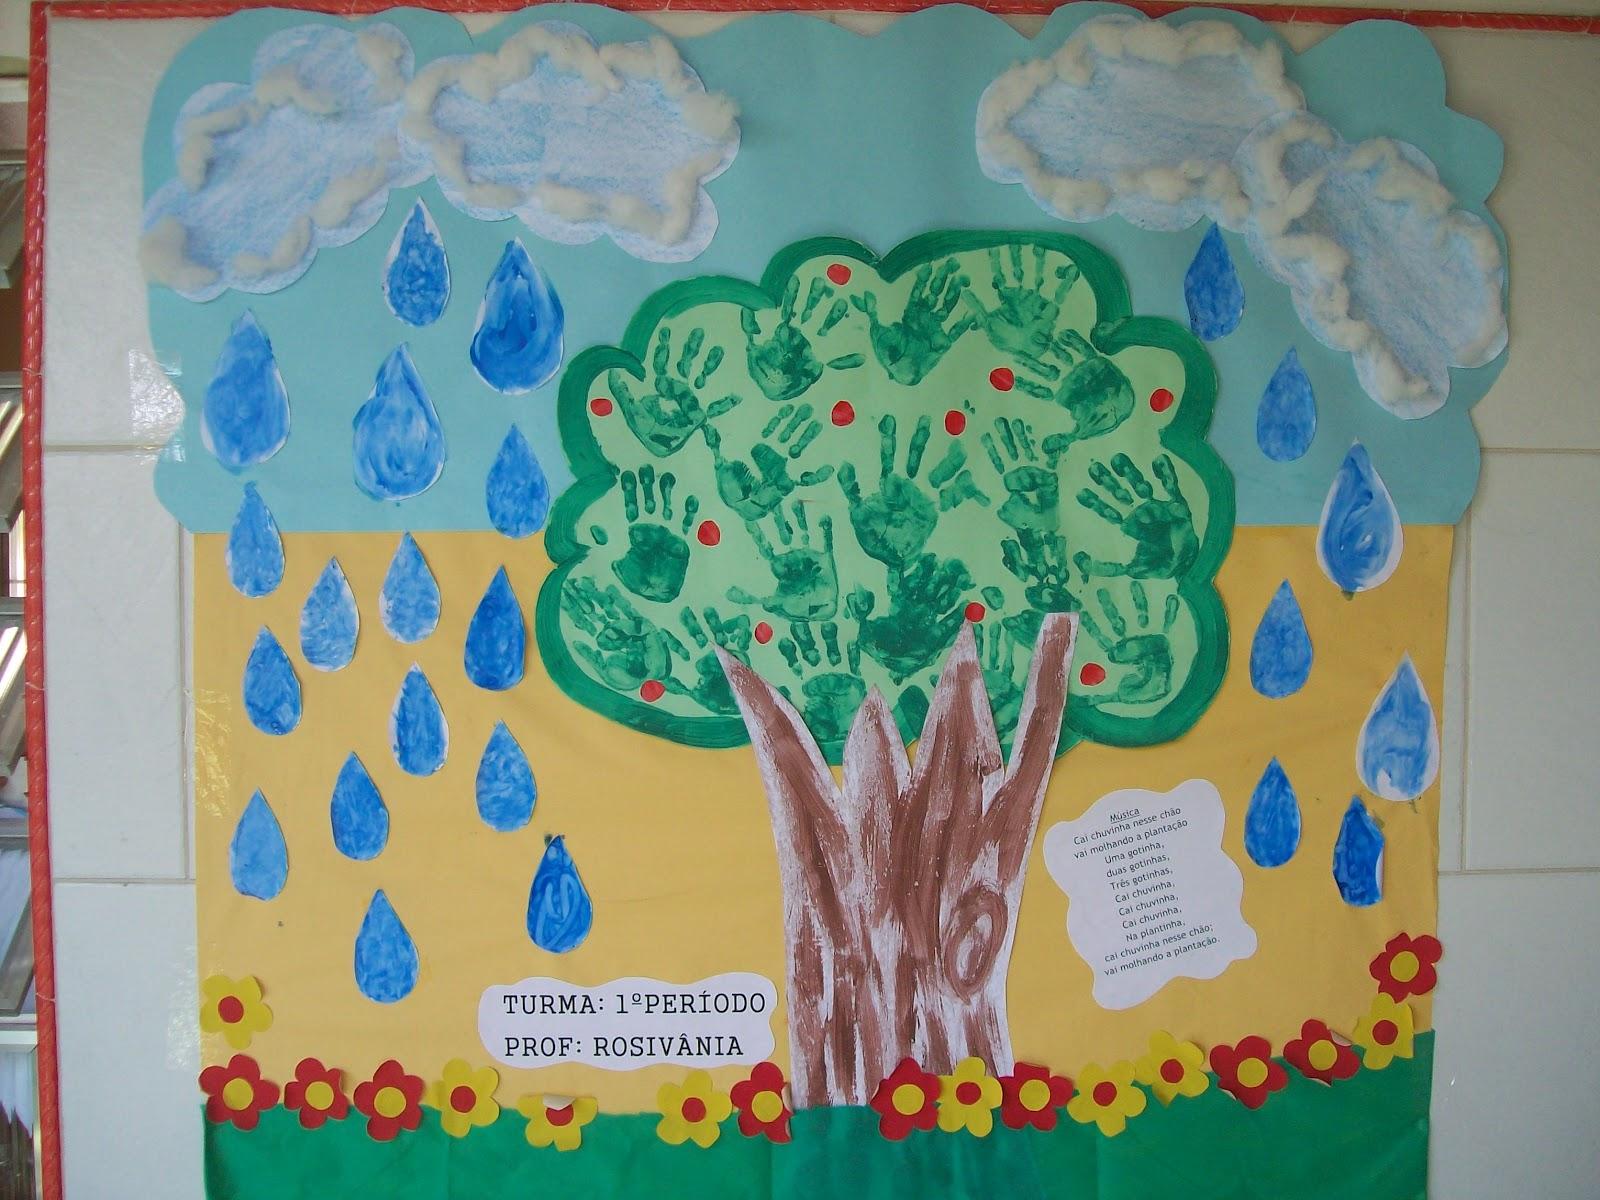 Educa o infantil projeto preservar o meio ambiente for Mural sobre o meio ambiente